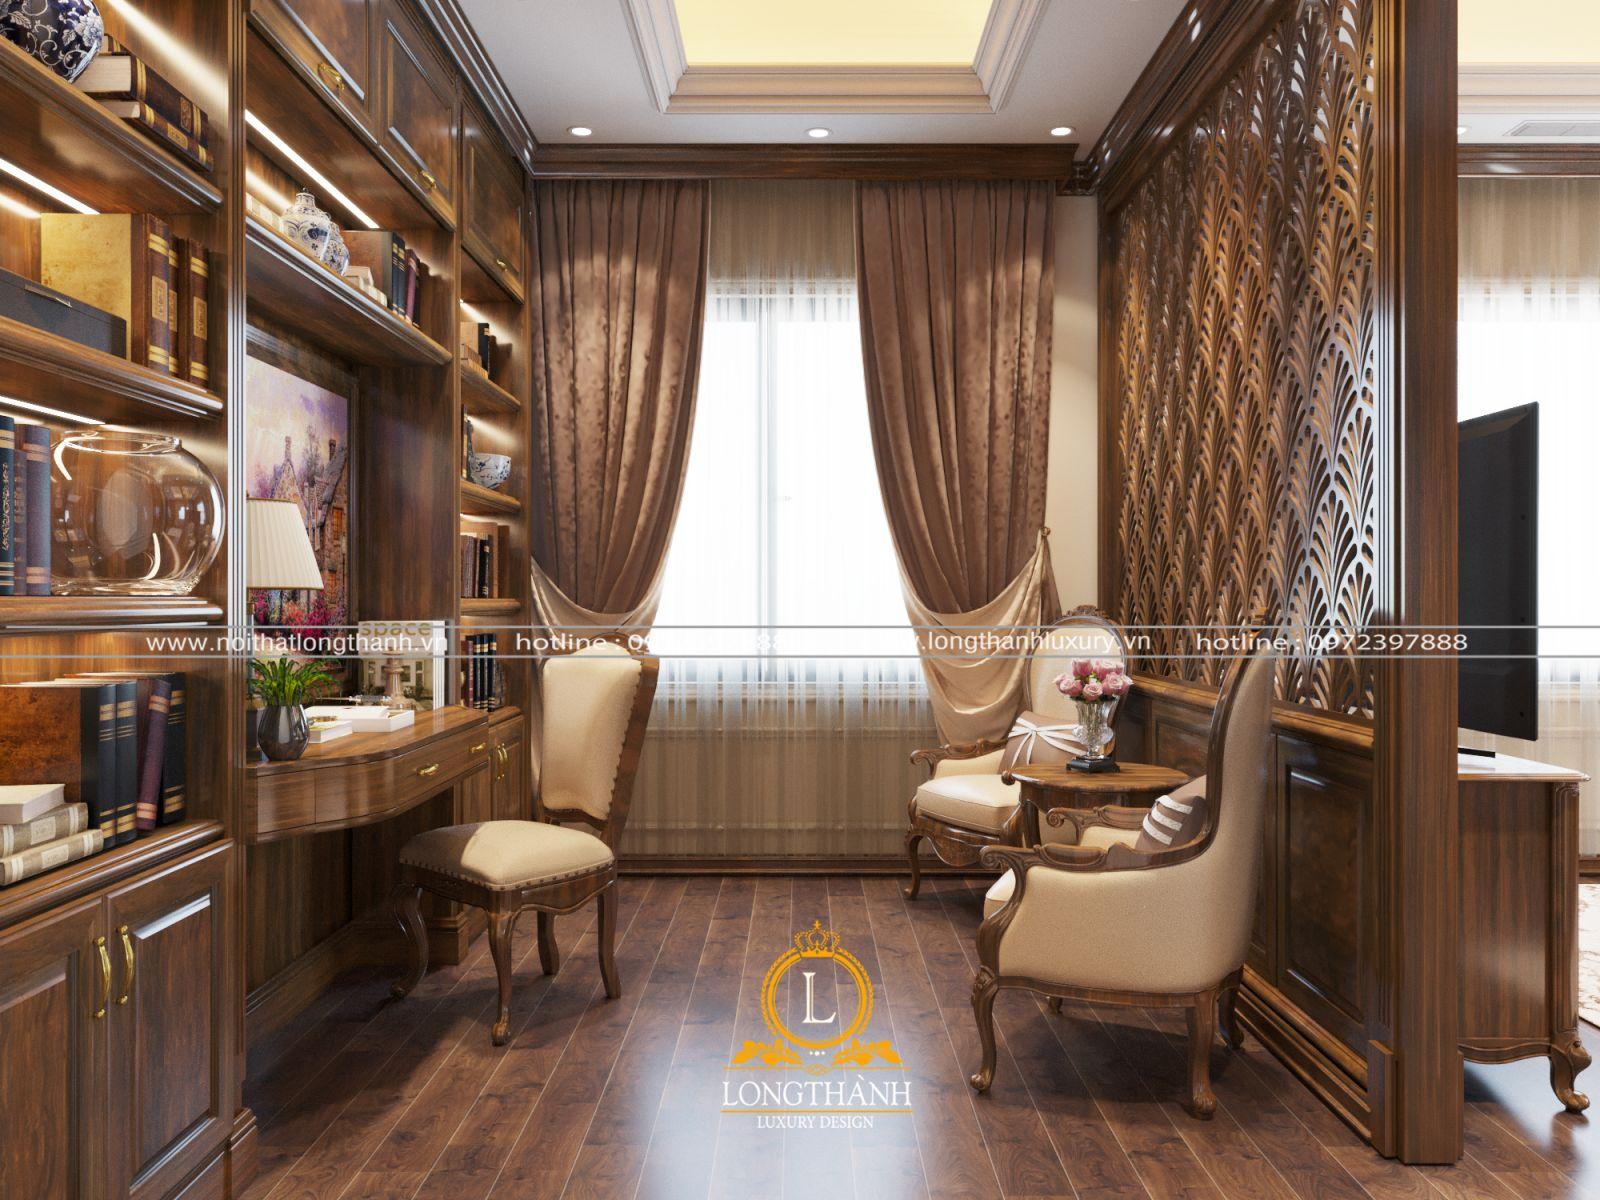 Phòng ngủ sang trọng tích hợp khu vực làm việc tiện nghi